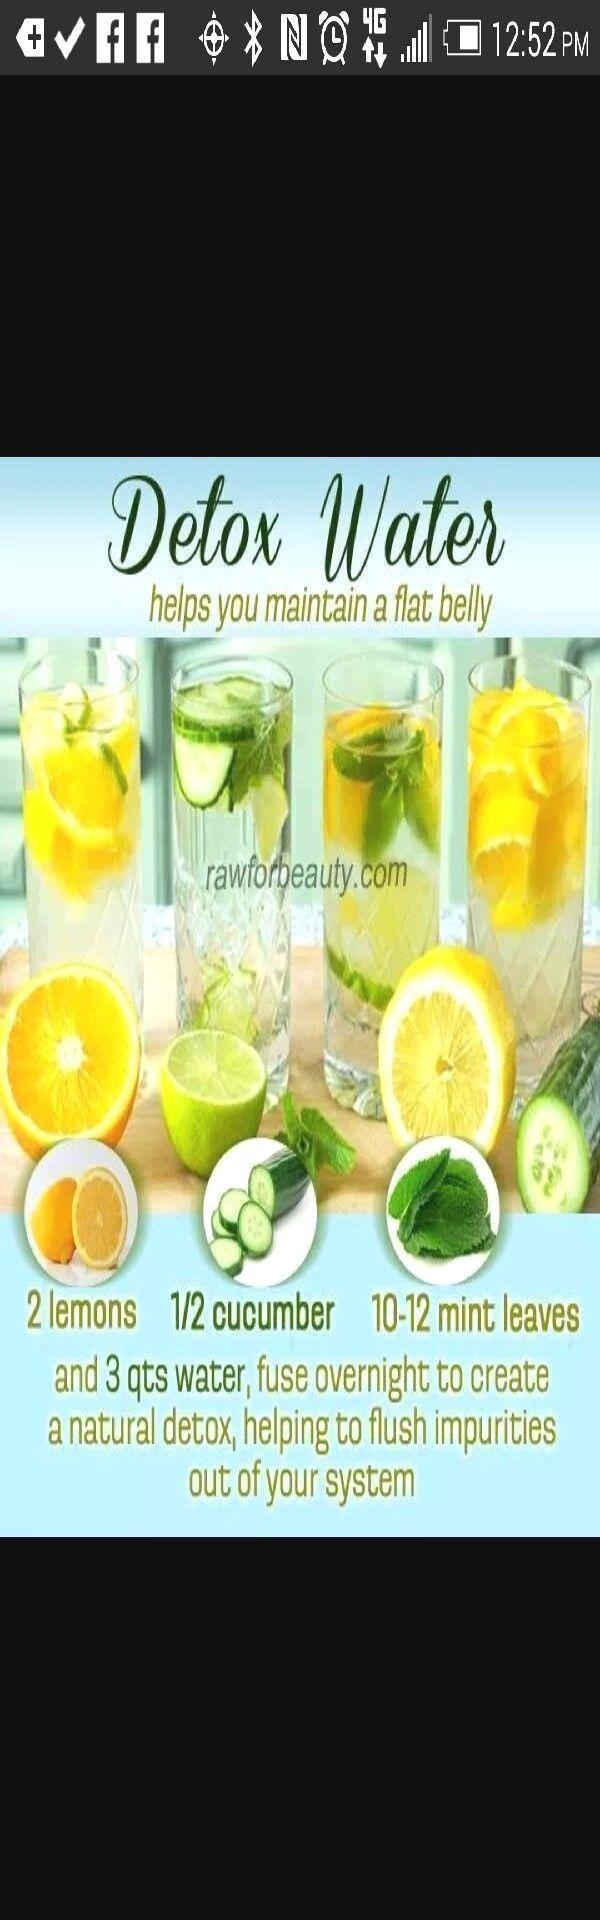 ????detox water recipe helps maintain a flat belly???? #Health #Fitness #Trusper...- ????detox water...